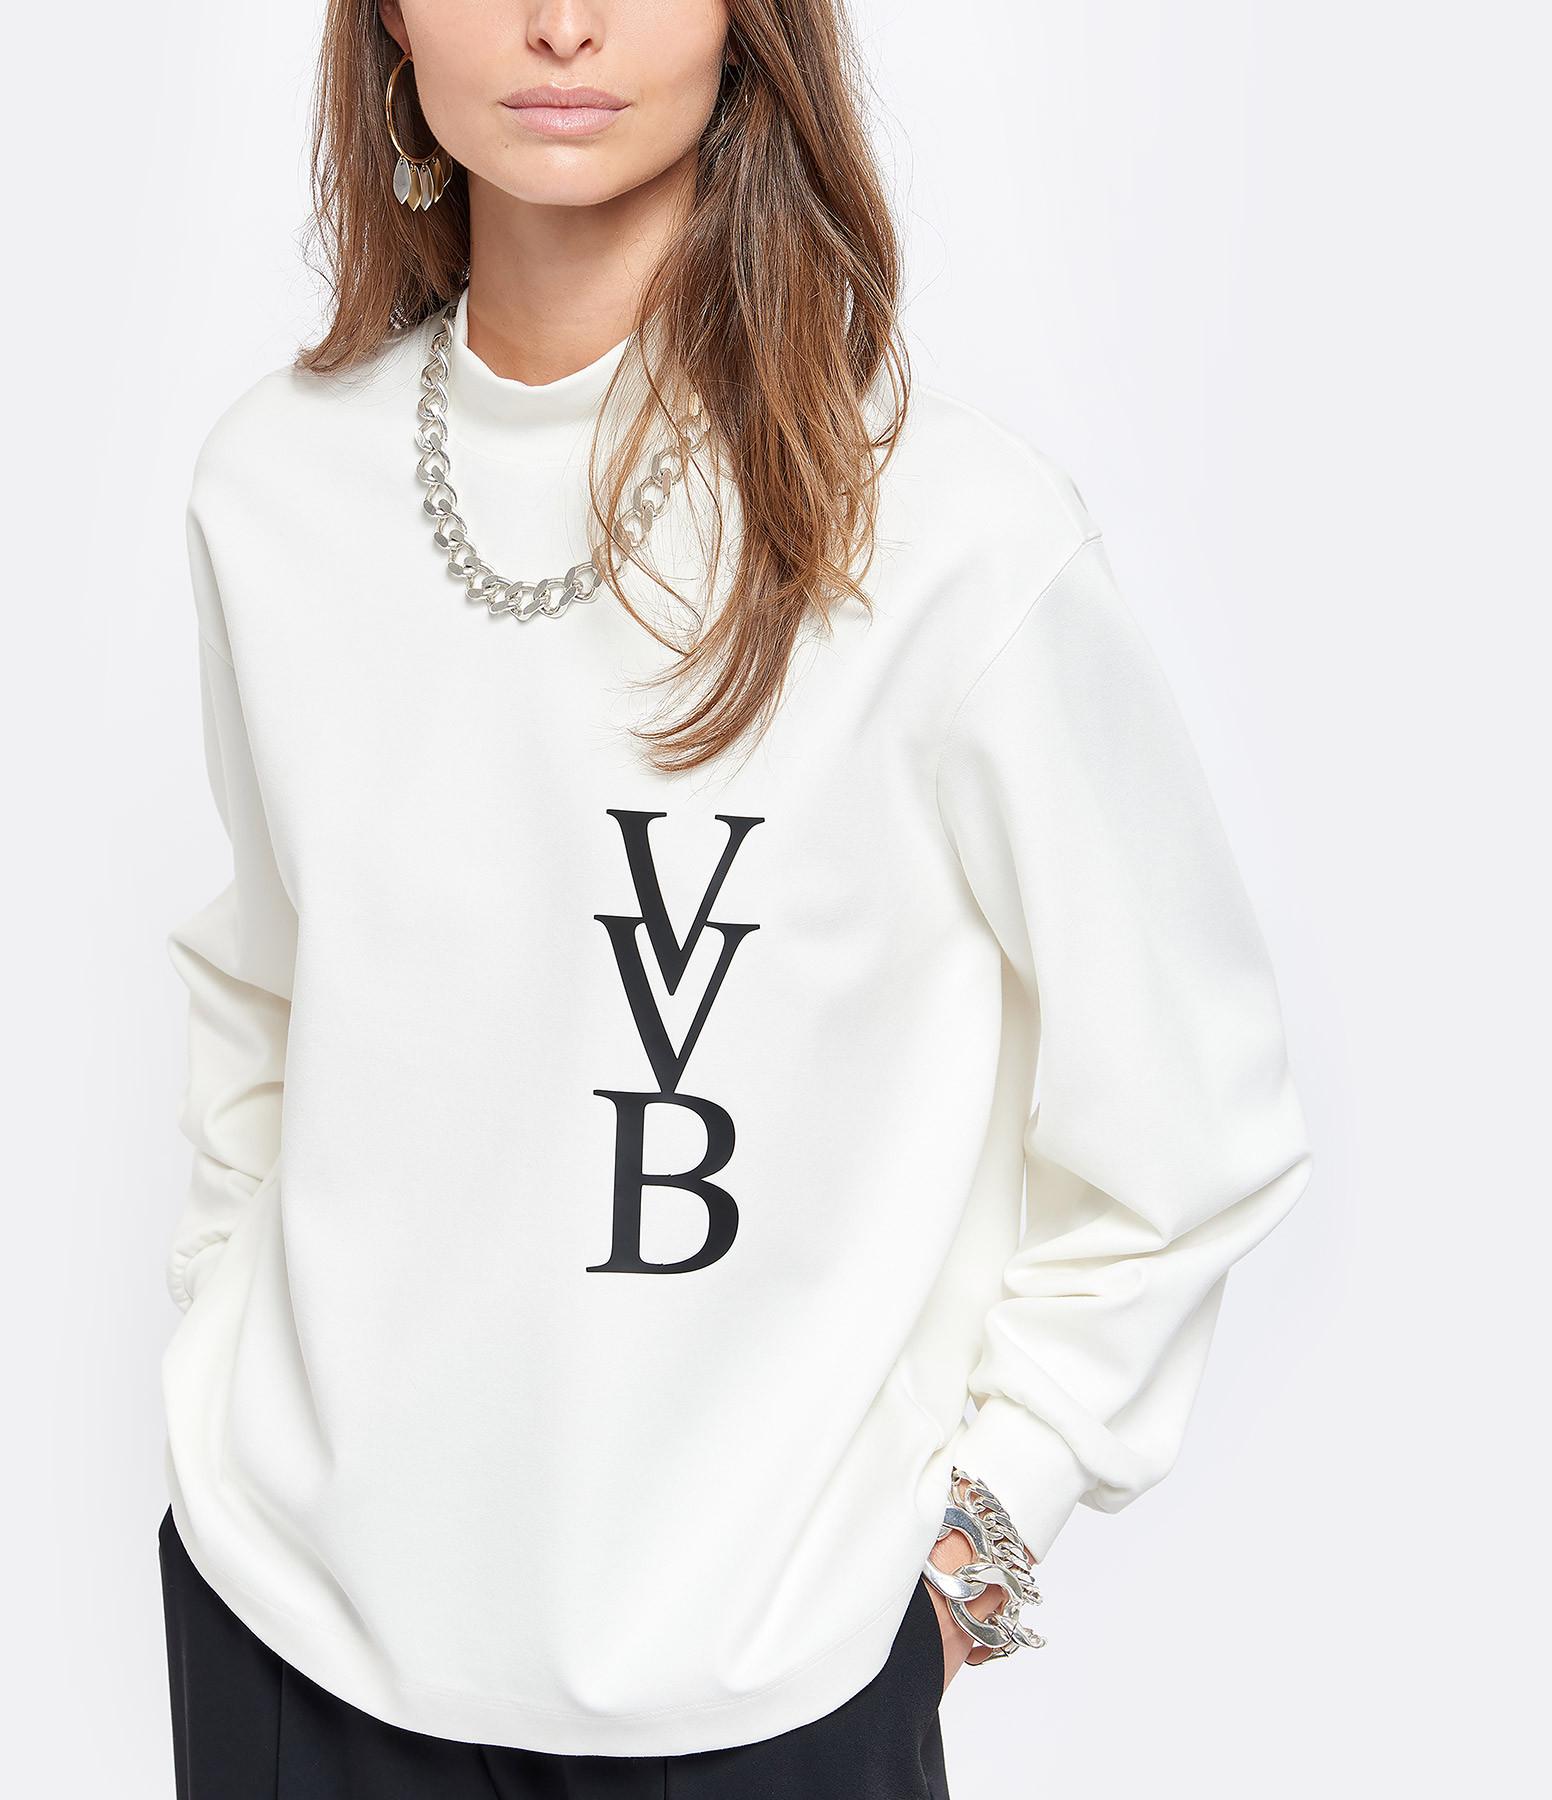 VICTORIA VICTORIA BECKHAM - Sweatshirt 3D Logo Ivoire